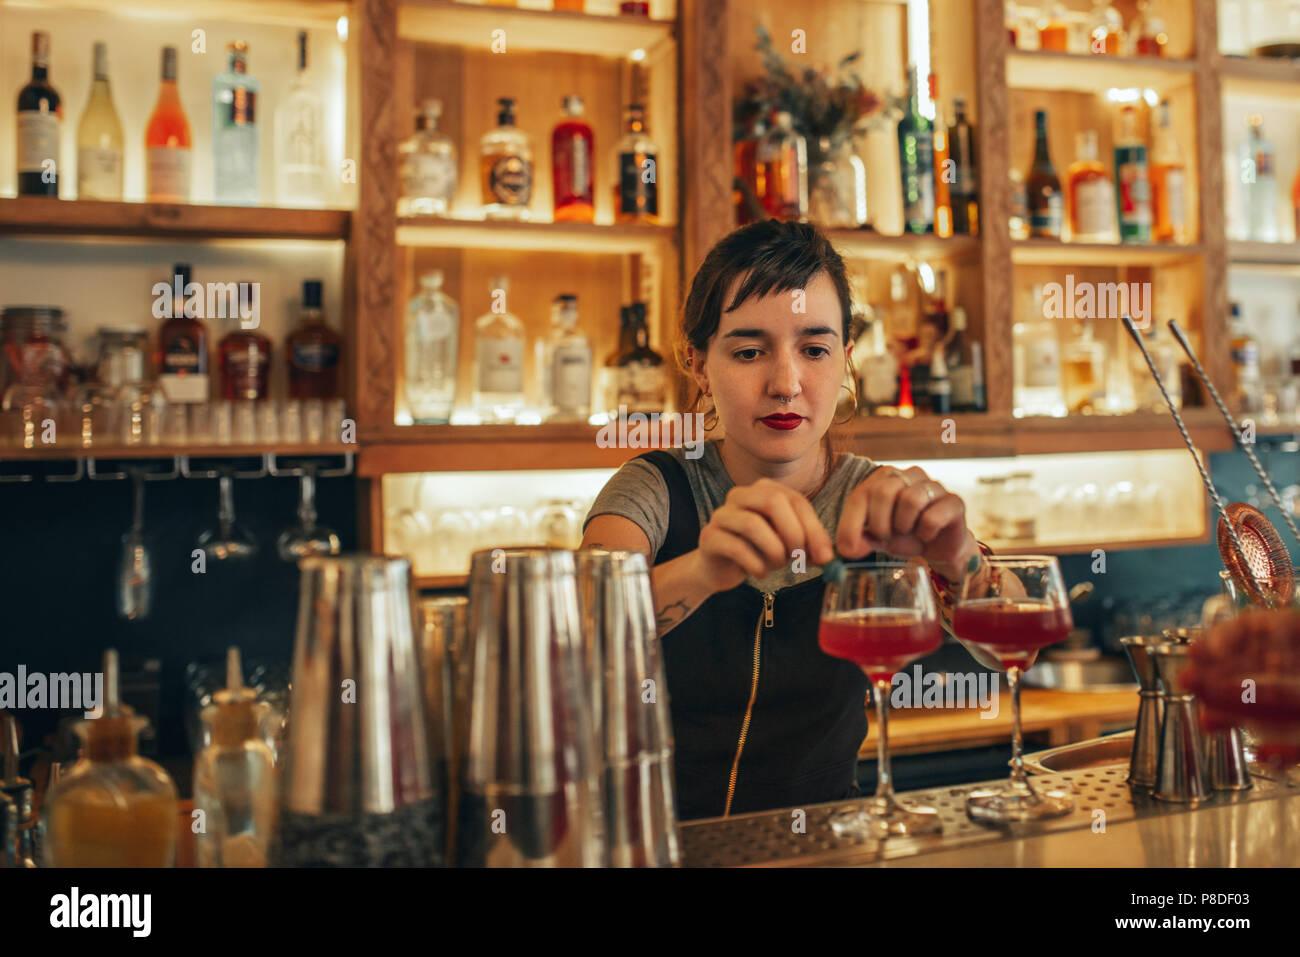 Young female bartender debout derrière un comptoir bar making cocktails Photo Stock